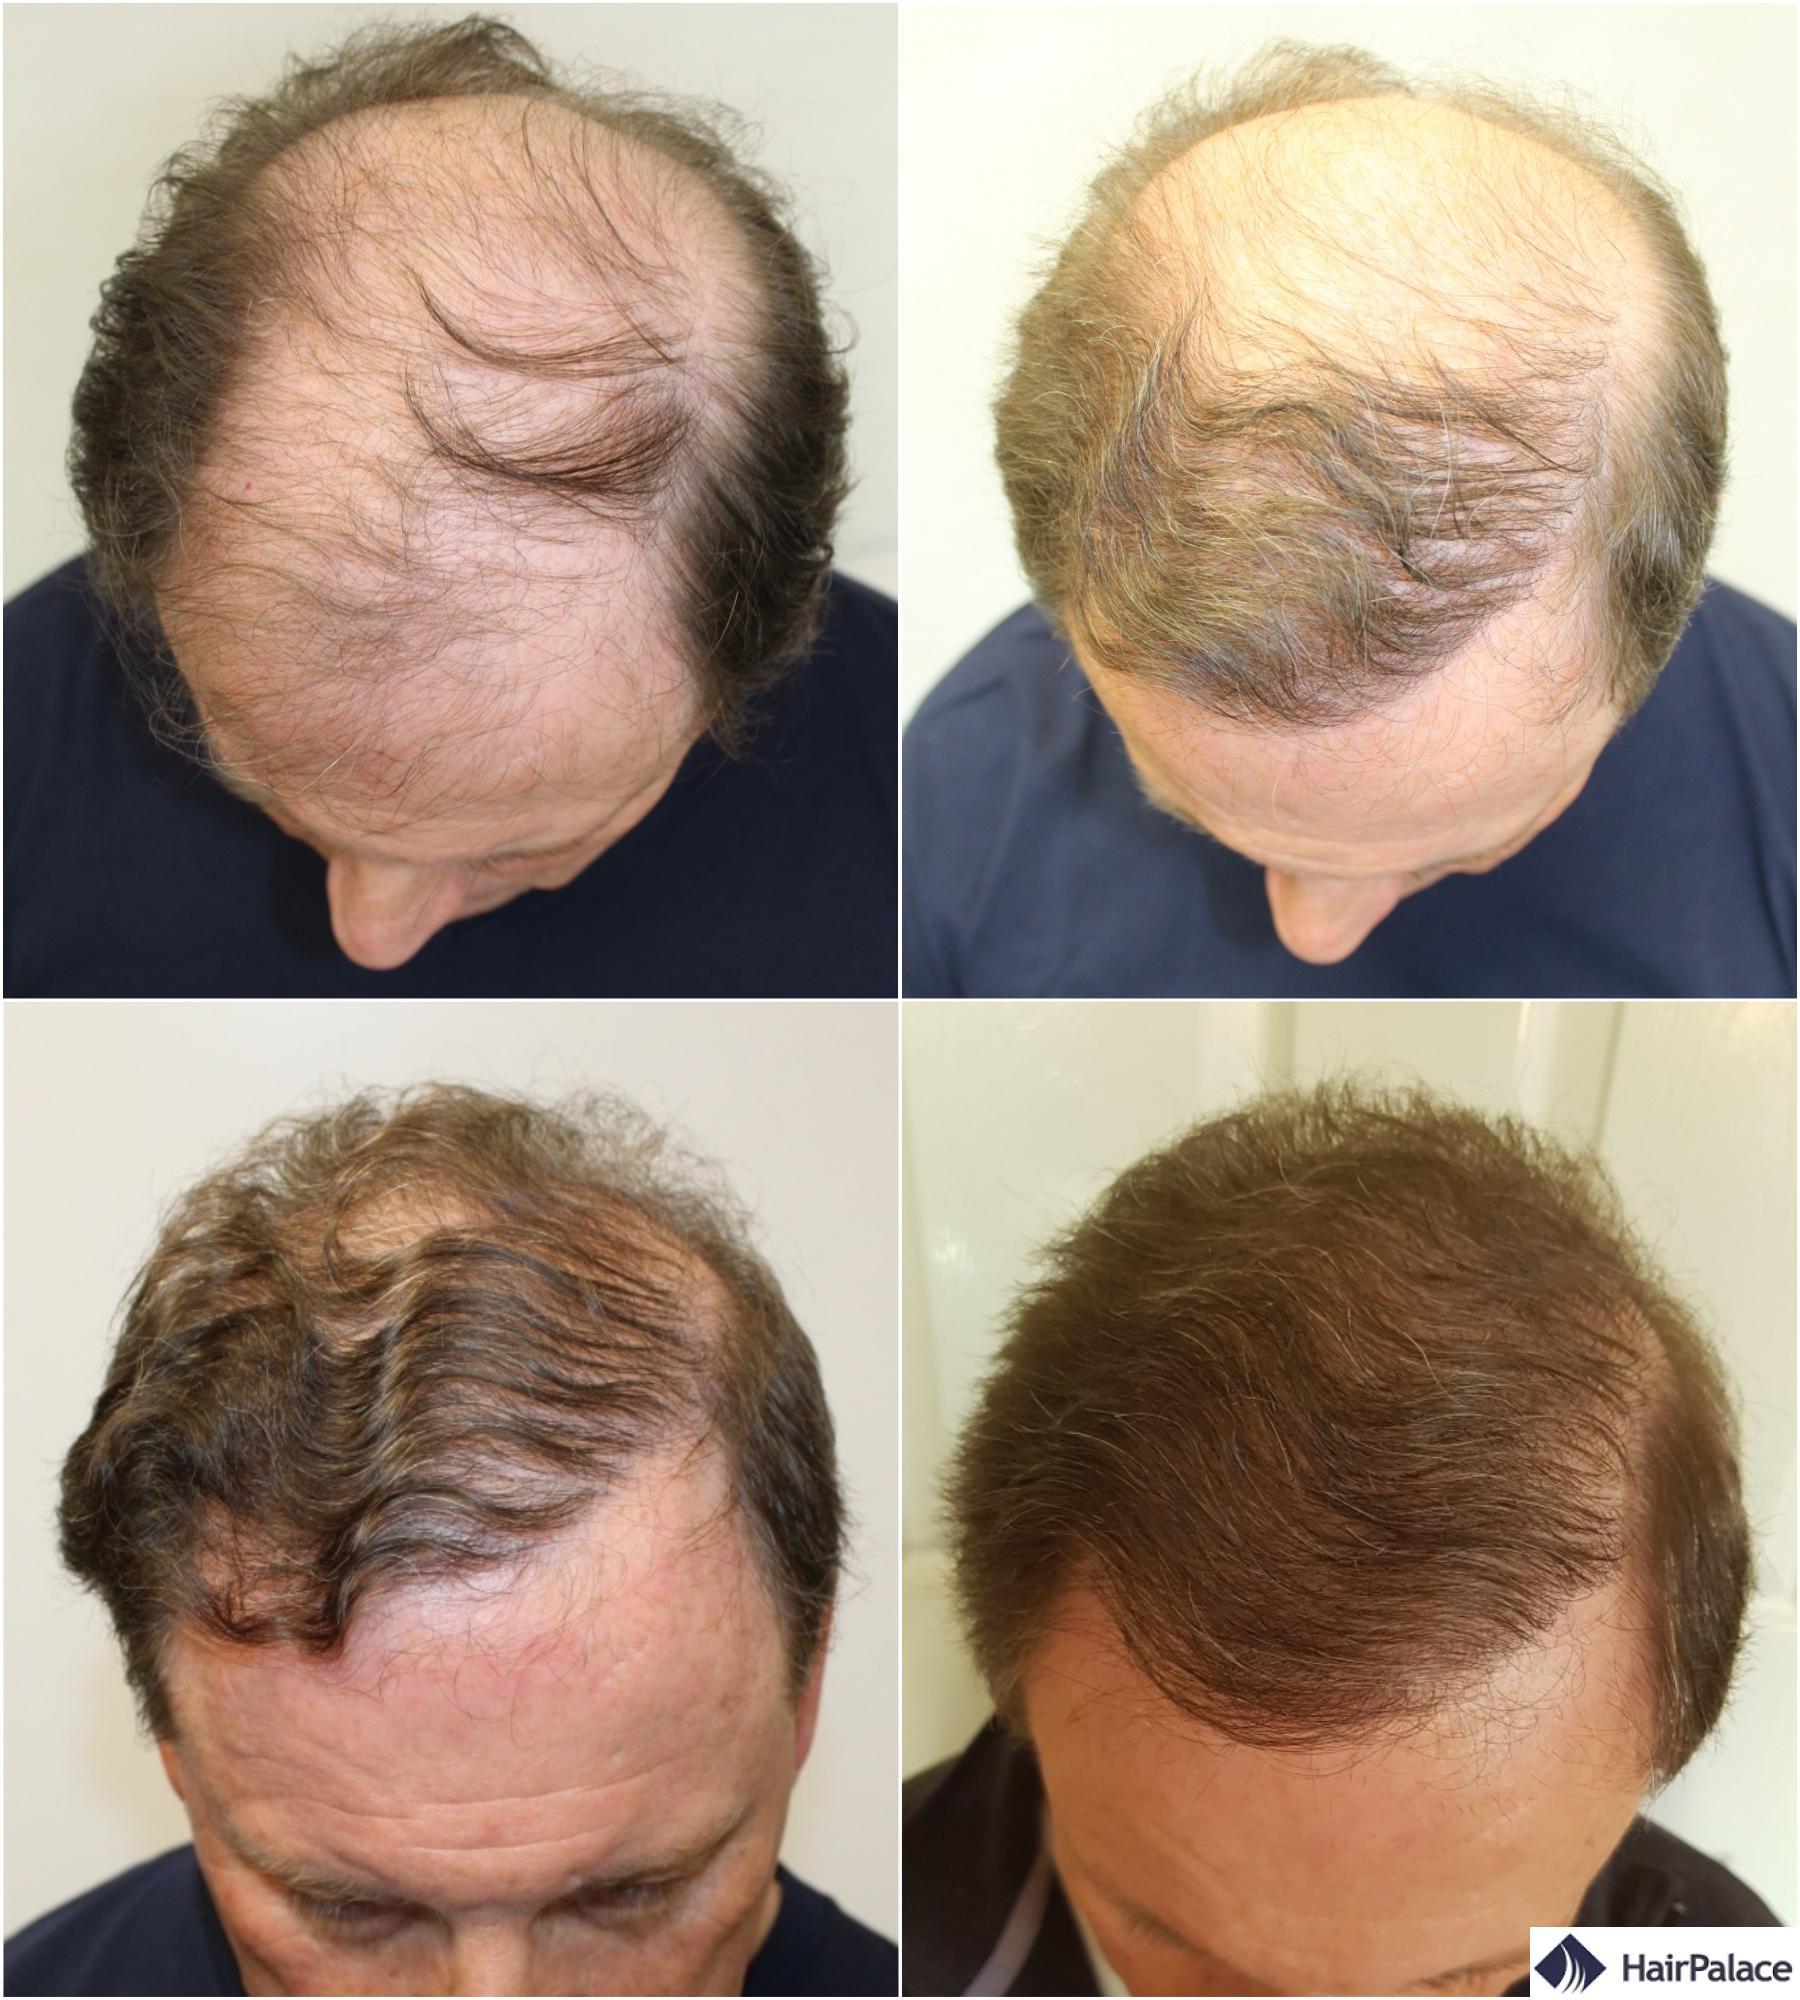 Les cheveux de Derek avant et apres la restauration